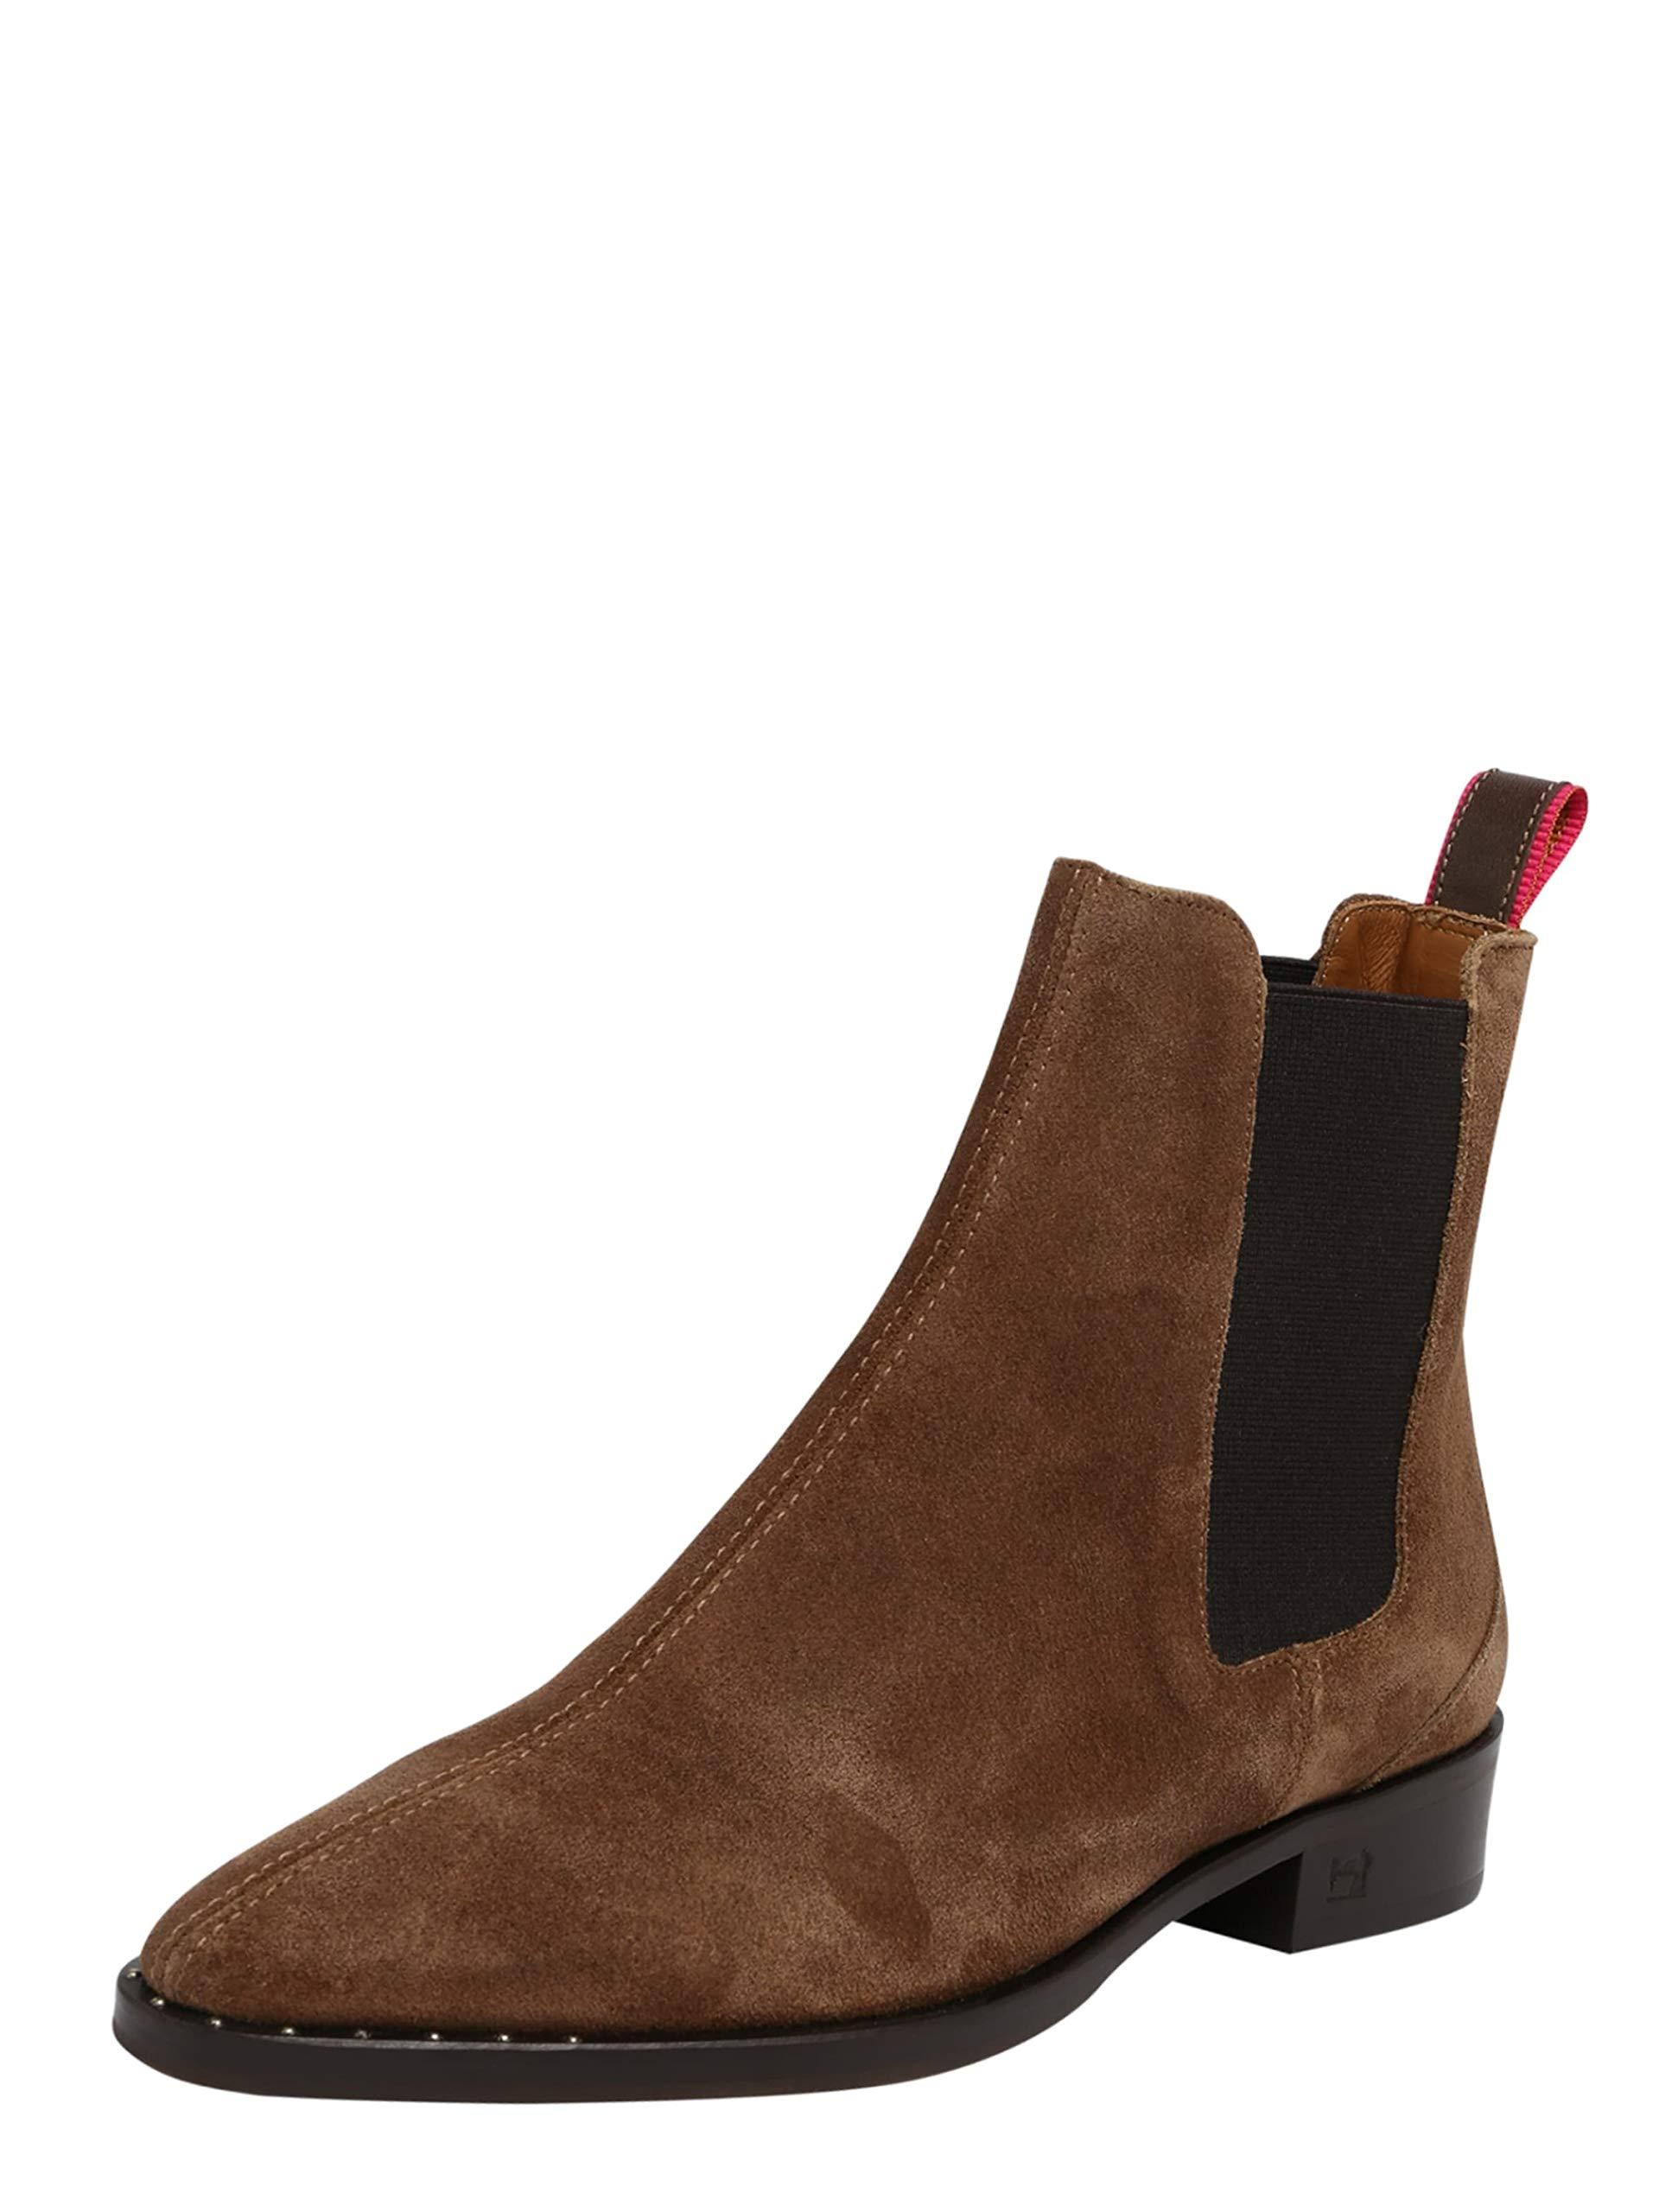 OpalBottes Chelsea FemmeMarronmud Scotchamp; Eu S46136 Soda Footwear Brown TOPkXZiwu